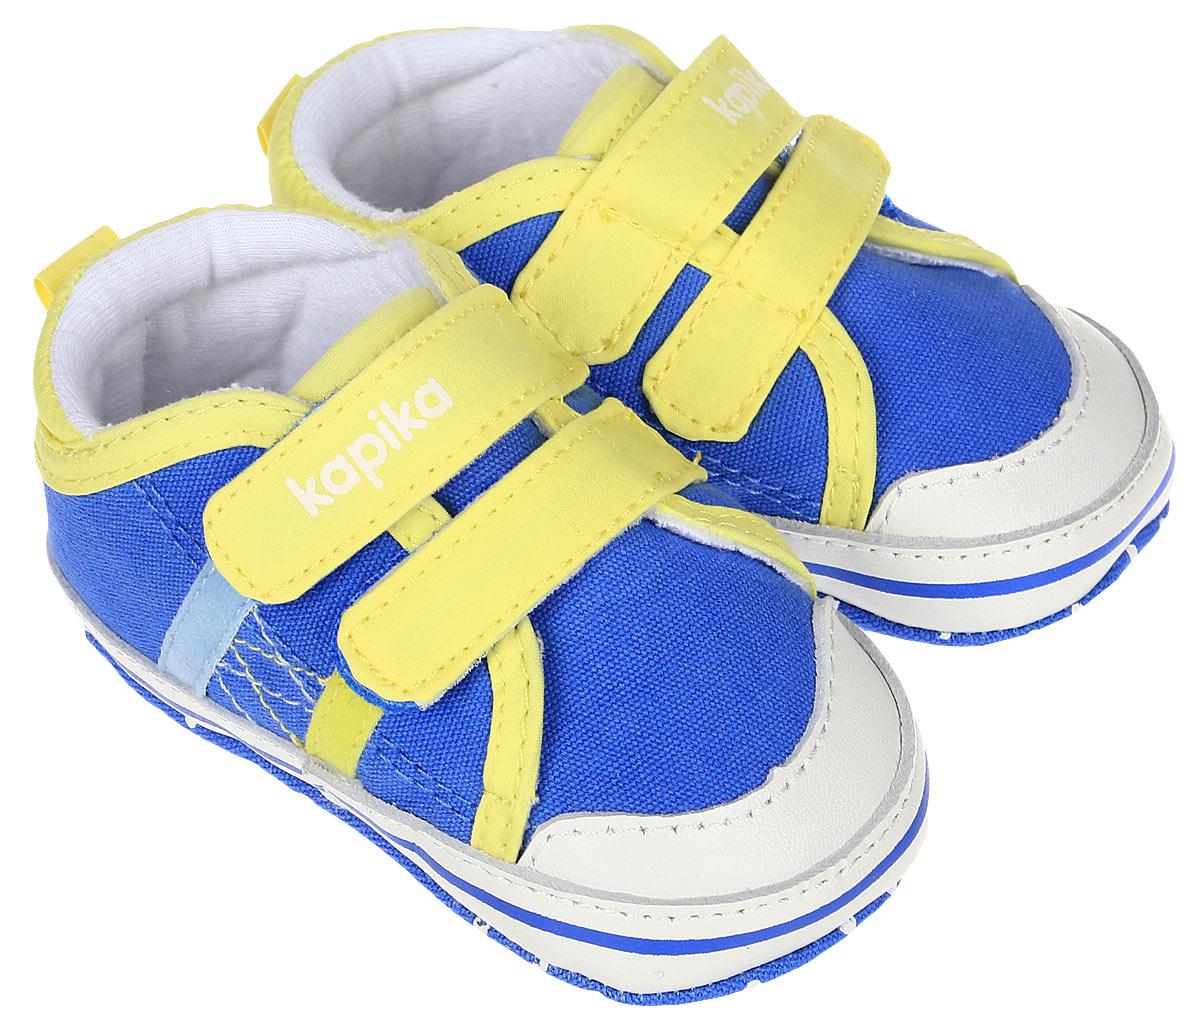 Пинетки10128Стильные и модные пинетки для мальчика Kapika выполнены из текстиля с элементами из натуральной кожи. Модель на застежках-липучках, которые надежно фиксирует пинетки на ножке ребенка и позволяет регулировать их объем. Удобные детские пинетки станут любимой обувью вашего ребенка.